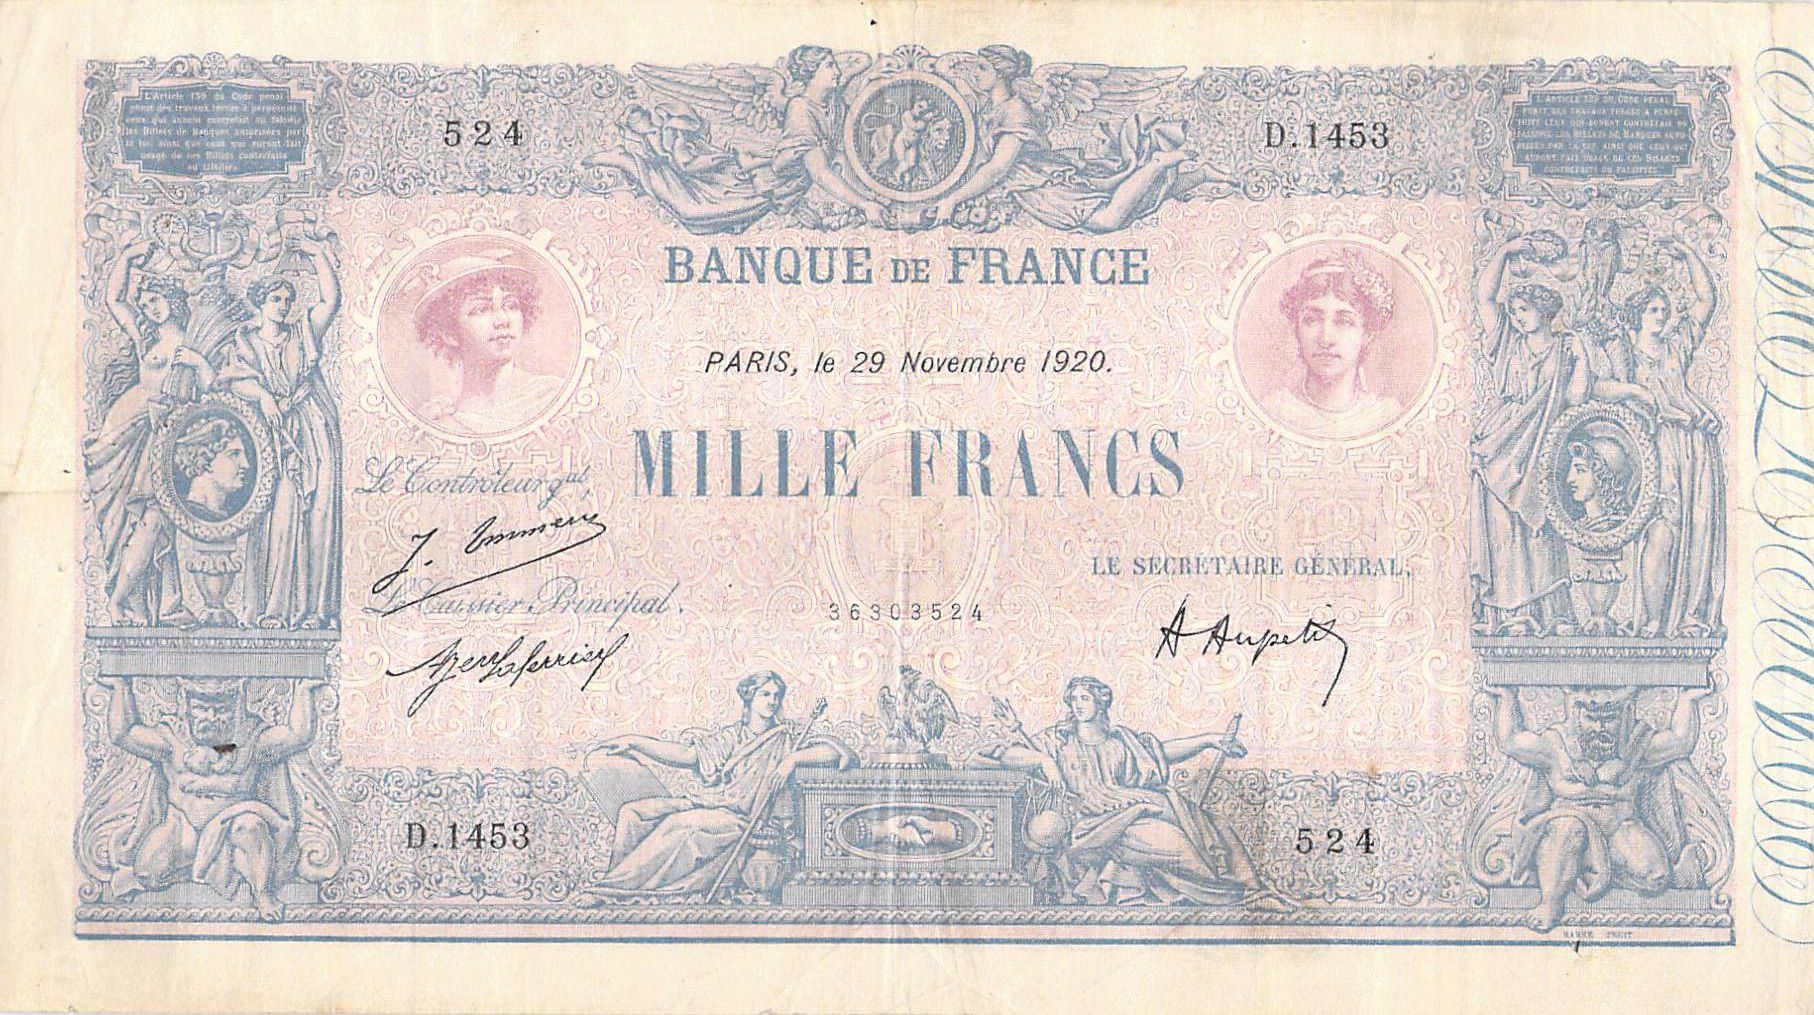 France 1000 Francs Rose et Bleu - 29-11-1920 - Série D.1443 - PTTB